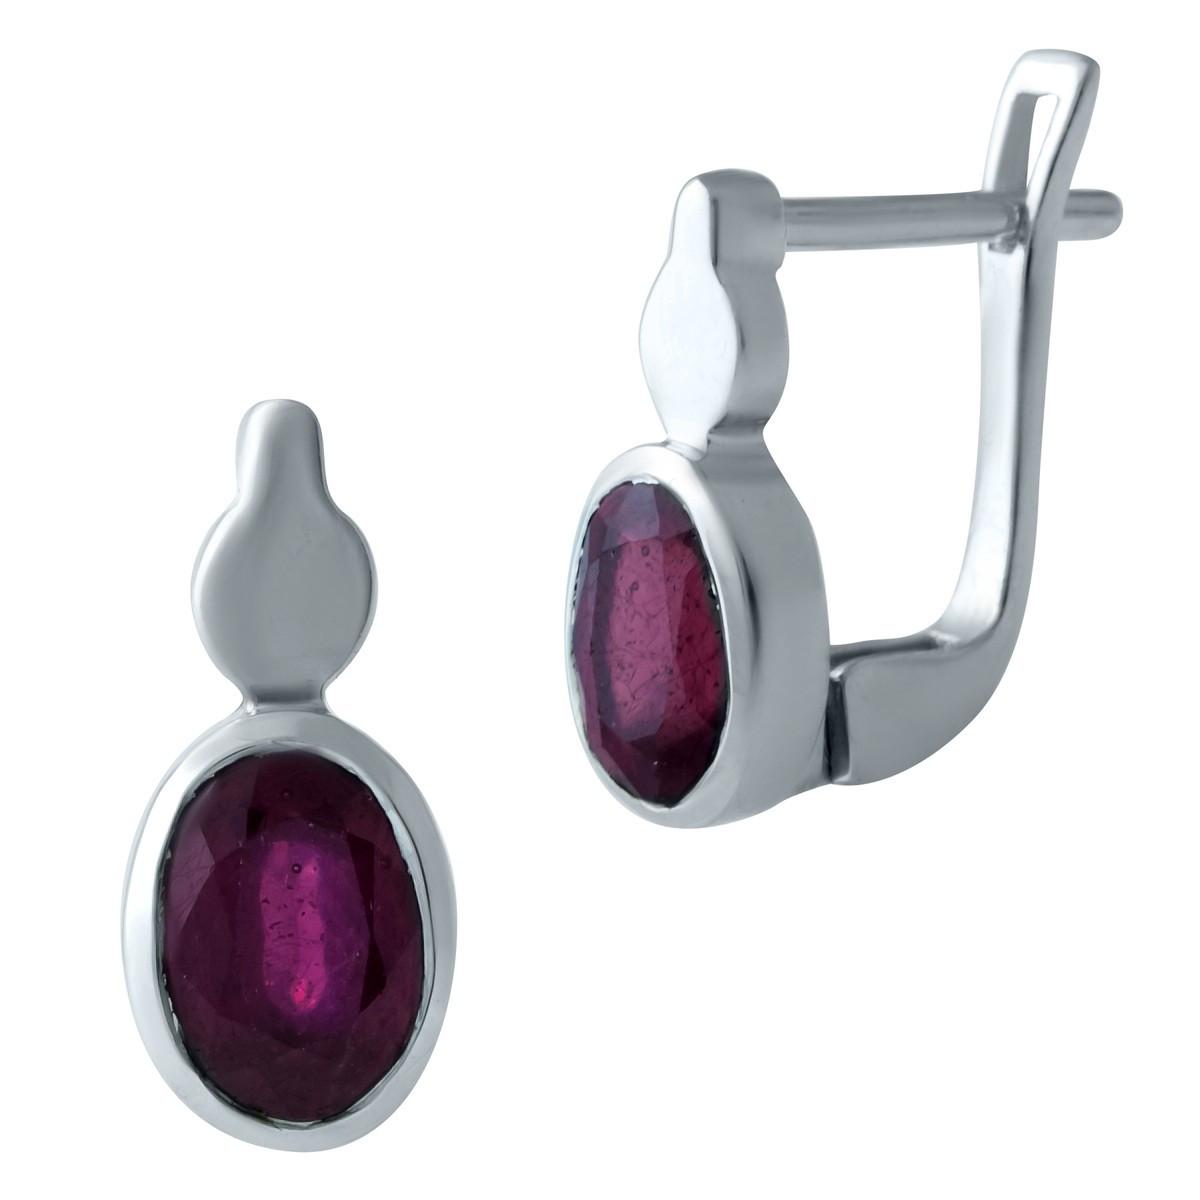 Серебряные серьги DreamJewelry с натуральным рубином (1931660)